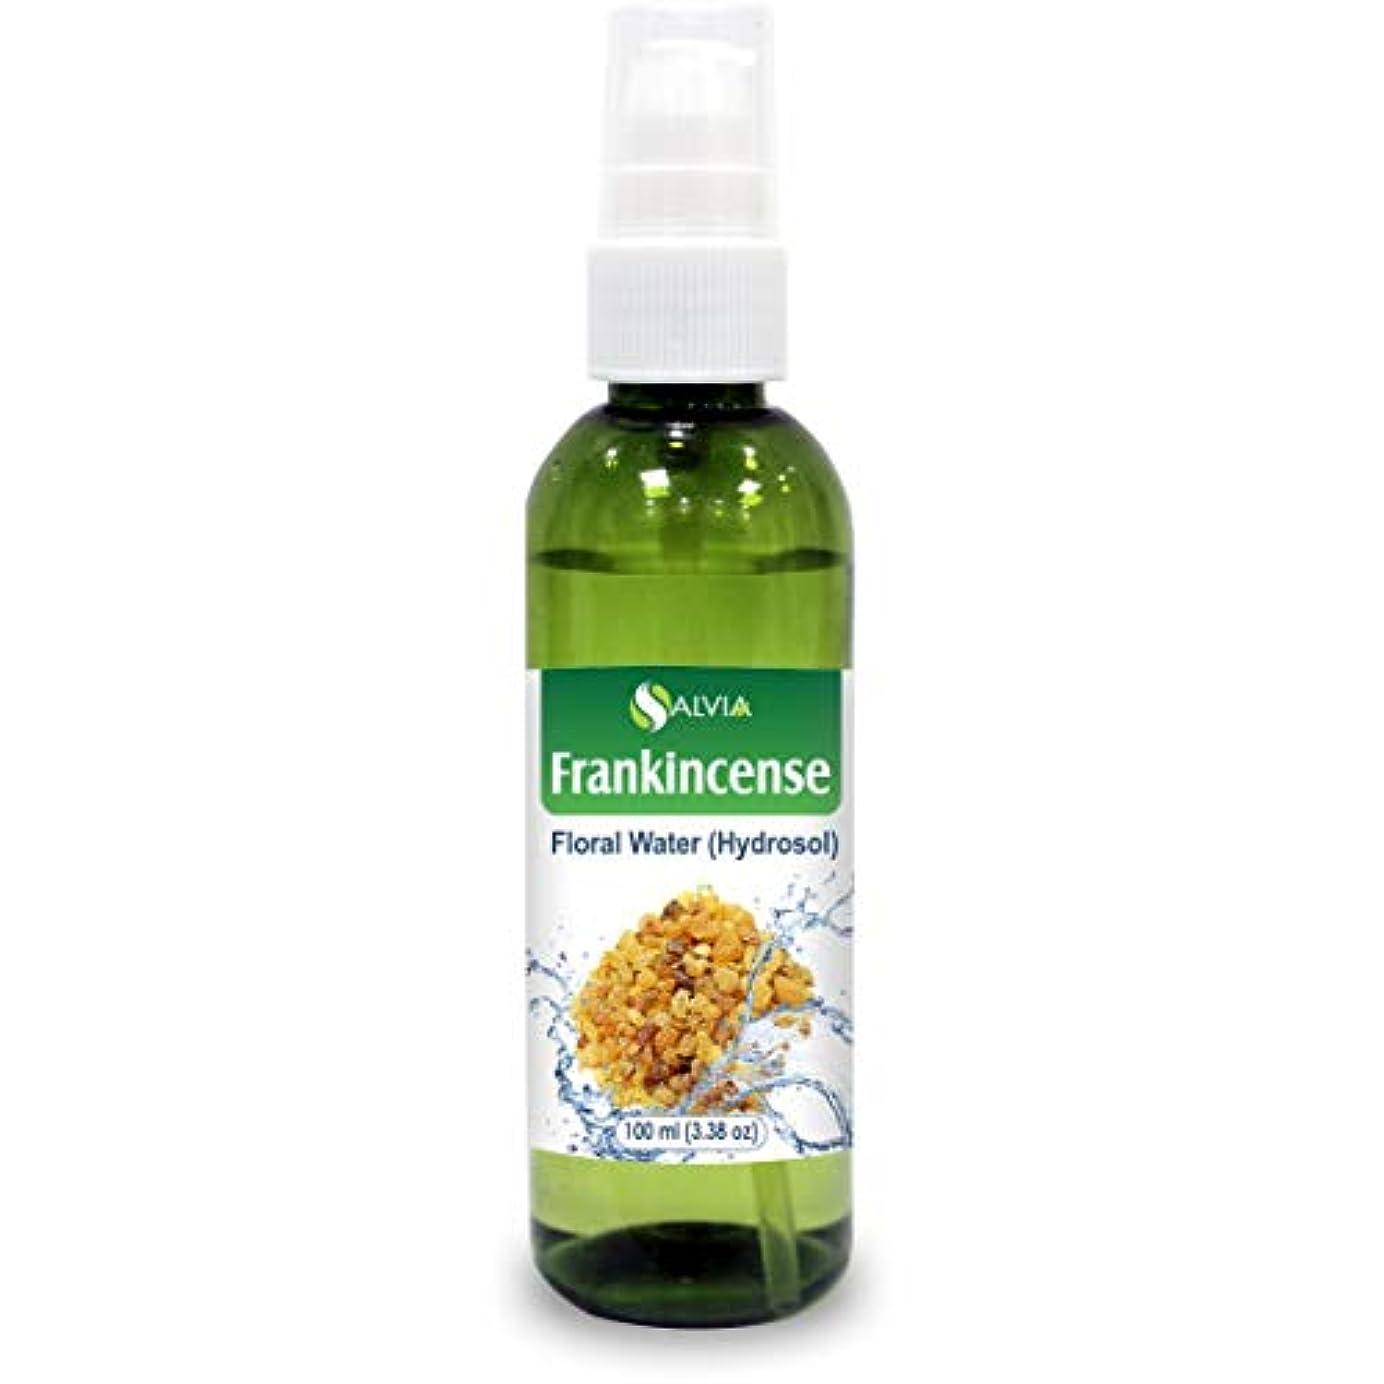 偏心田舎たっぷりFrankincense Floral Water 100ml (Hydrosol) 100% Pure And Natural